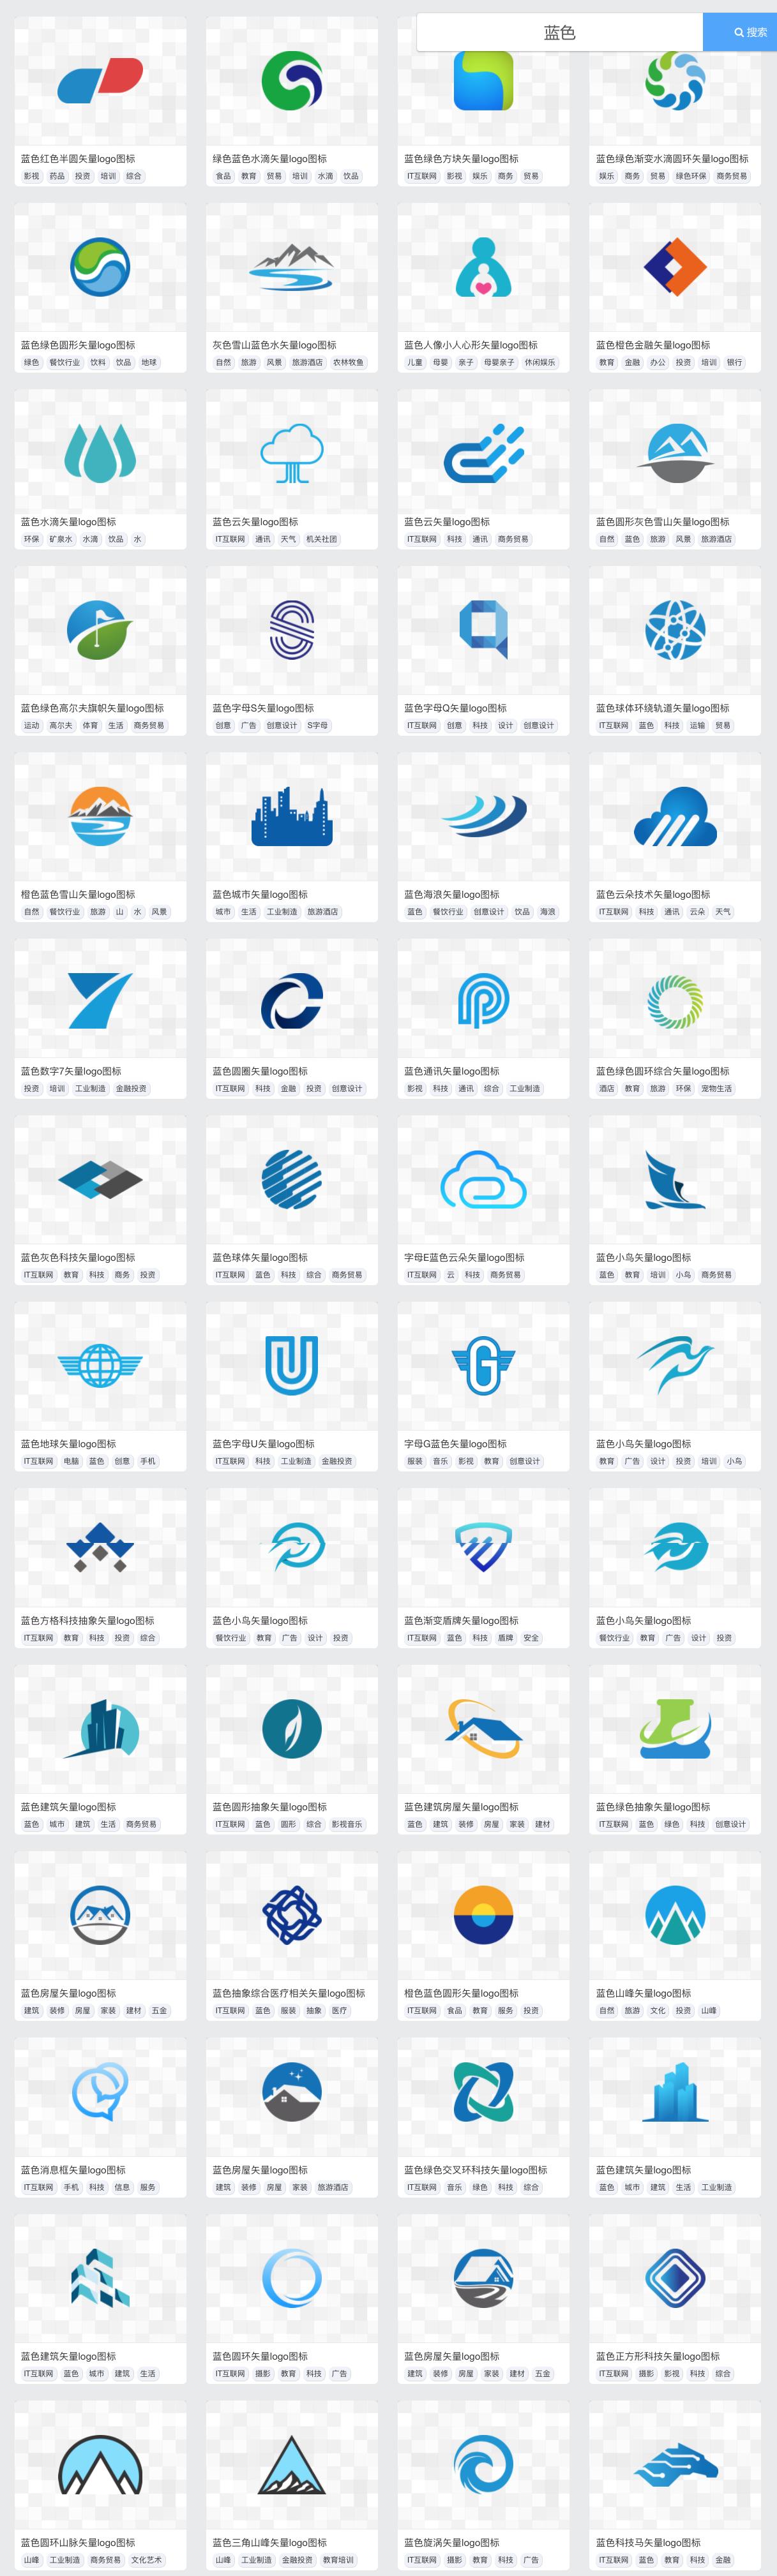 蓝色logo设计矢量元素图标素材下载 LOGO生成.cn